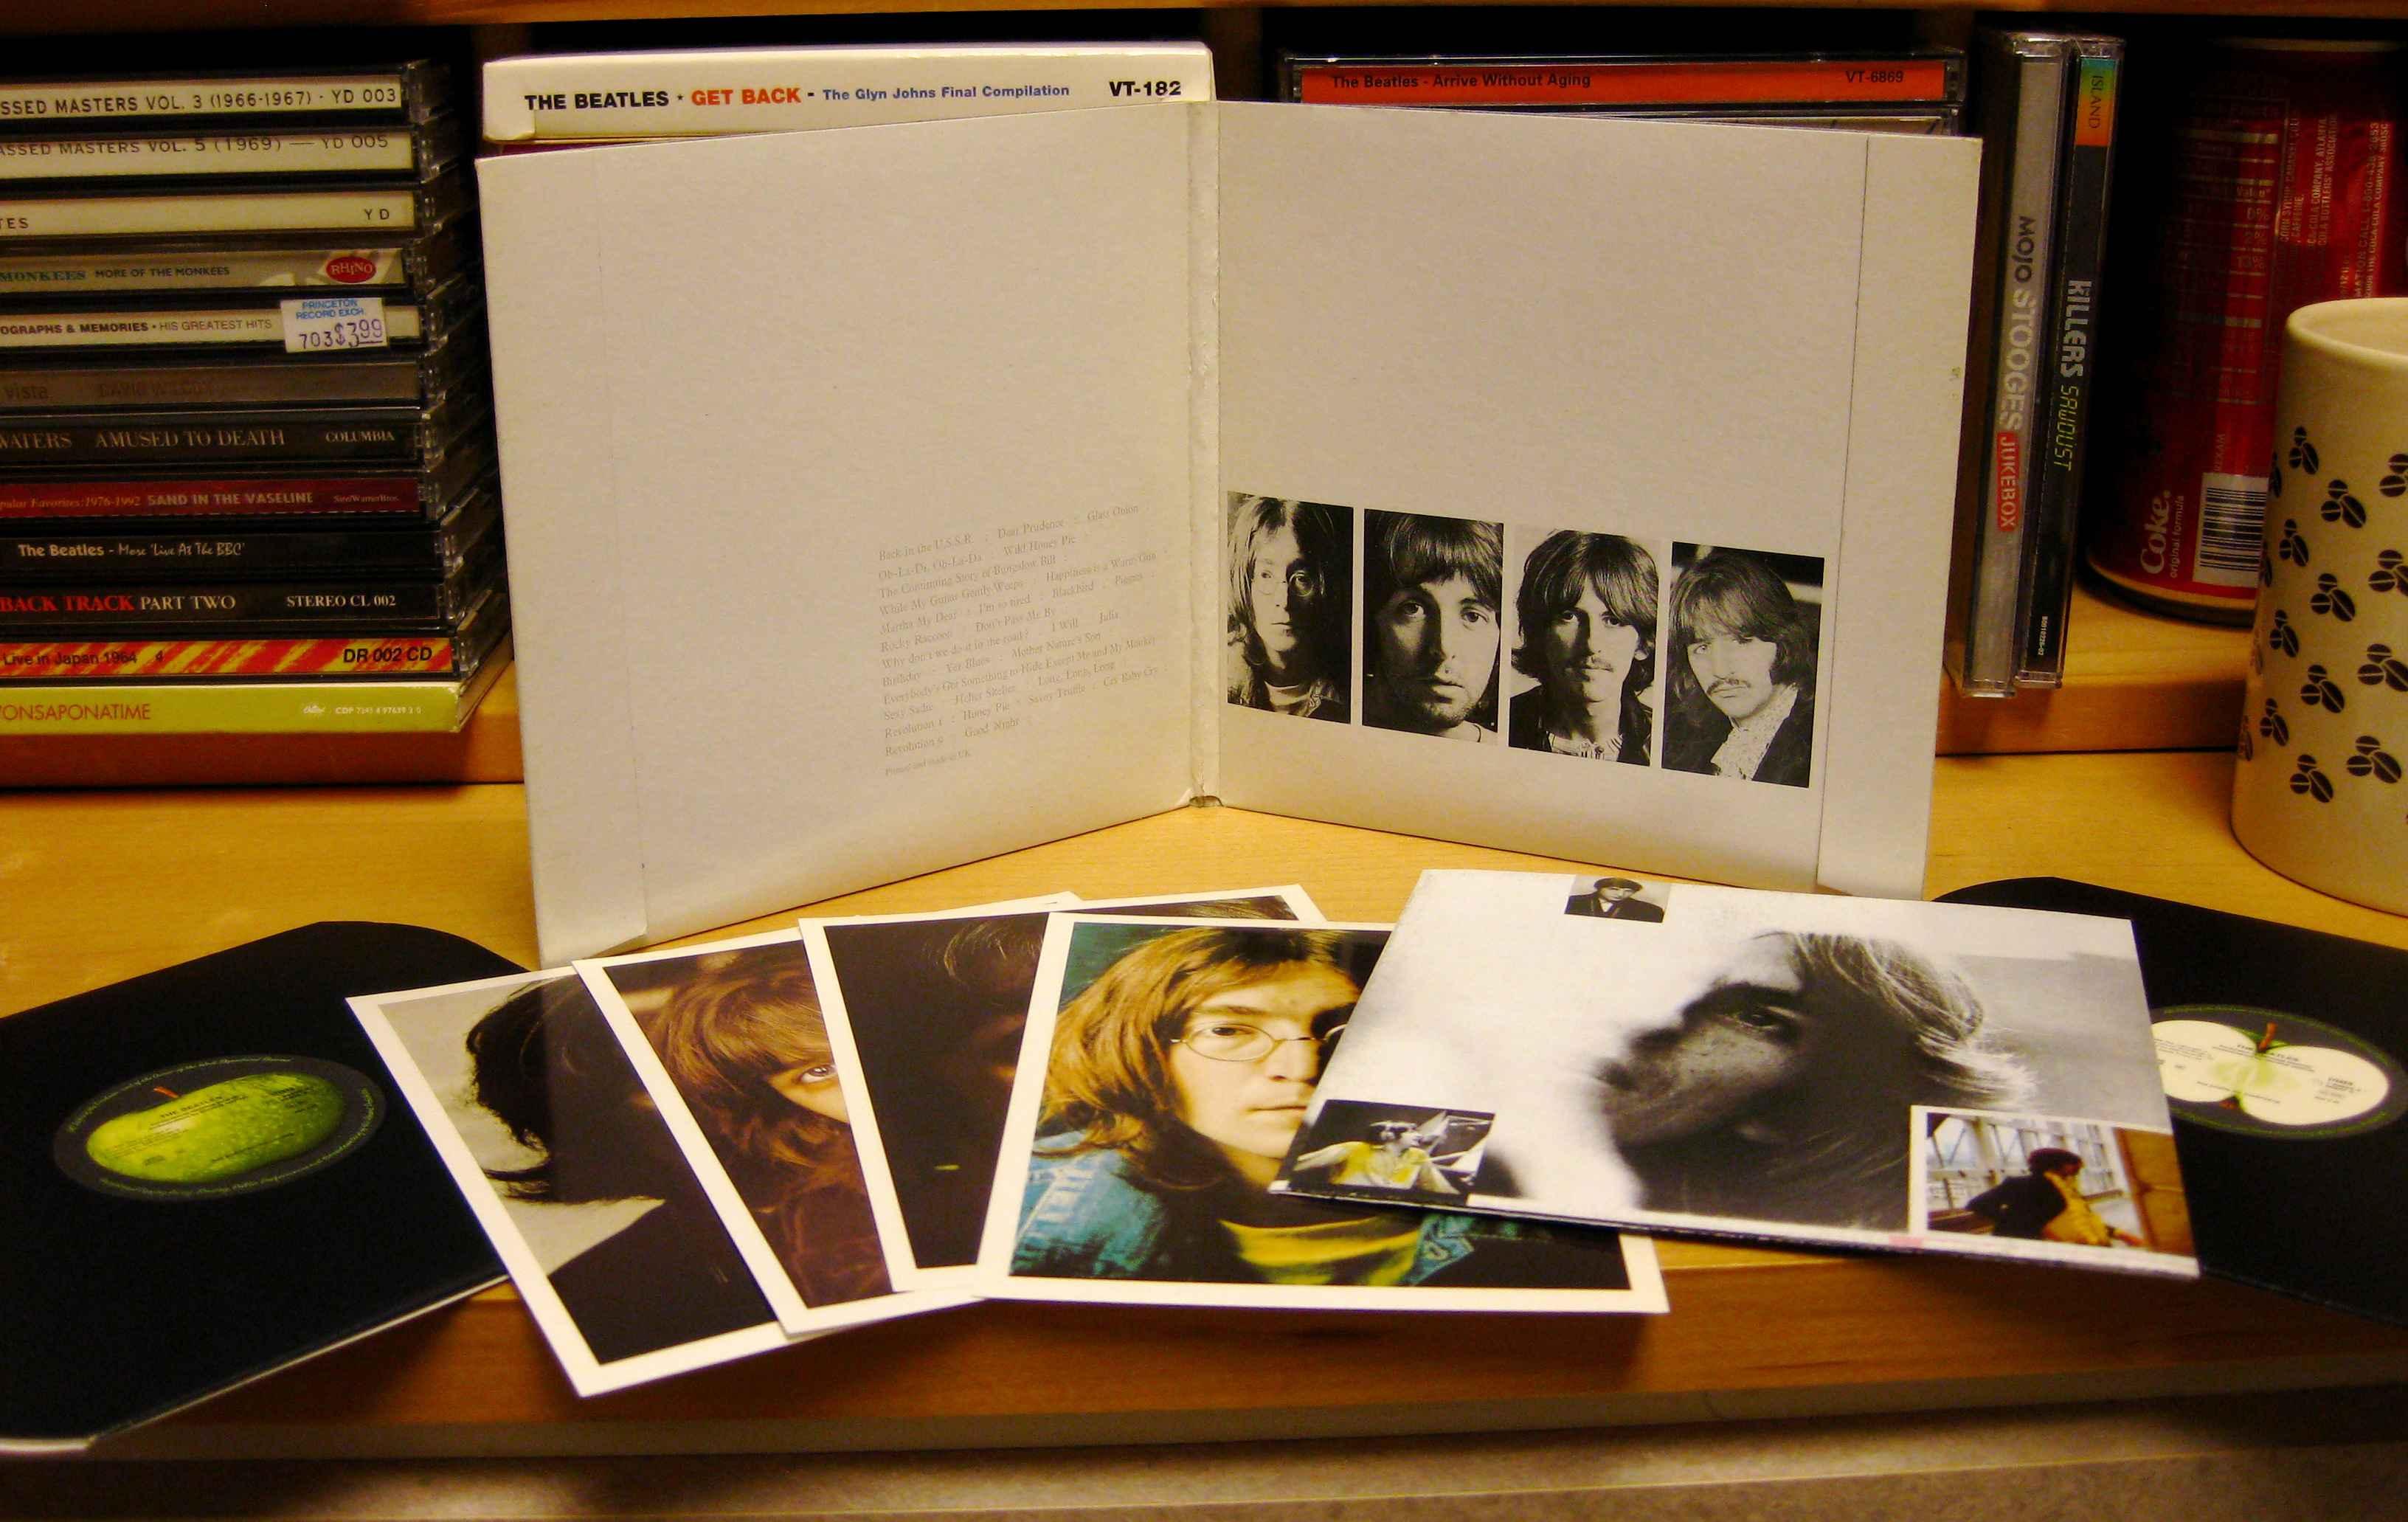 Edições em vinil do 'Álbum Branco' trazia um grande encarte em formado de poster, além de fotos individuais dos 4 integrantes.